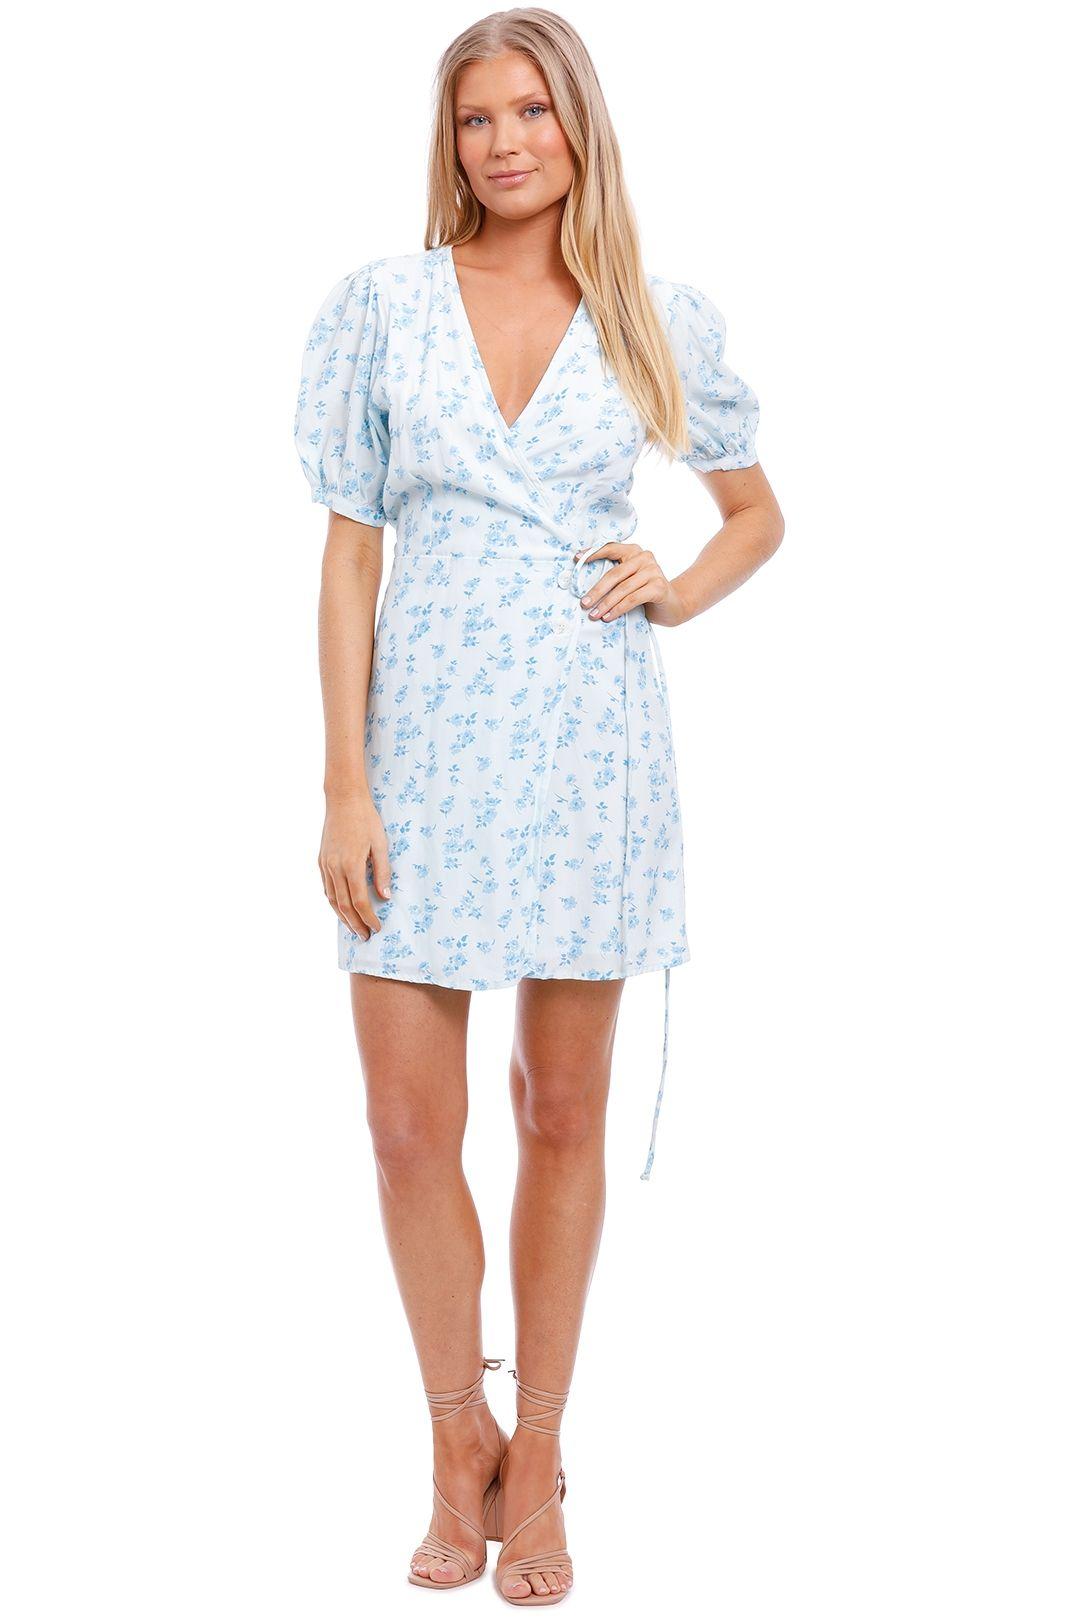 Faithfull Jaclyn Dress